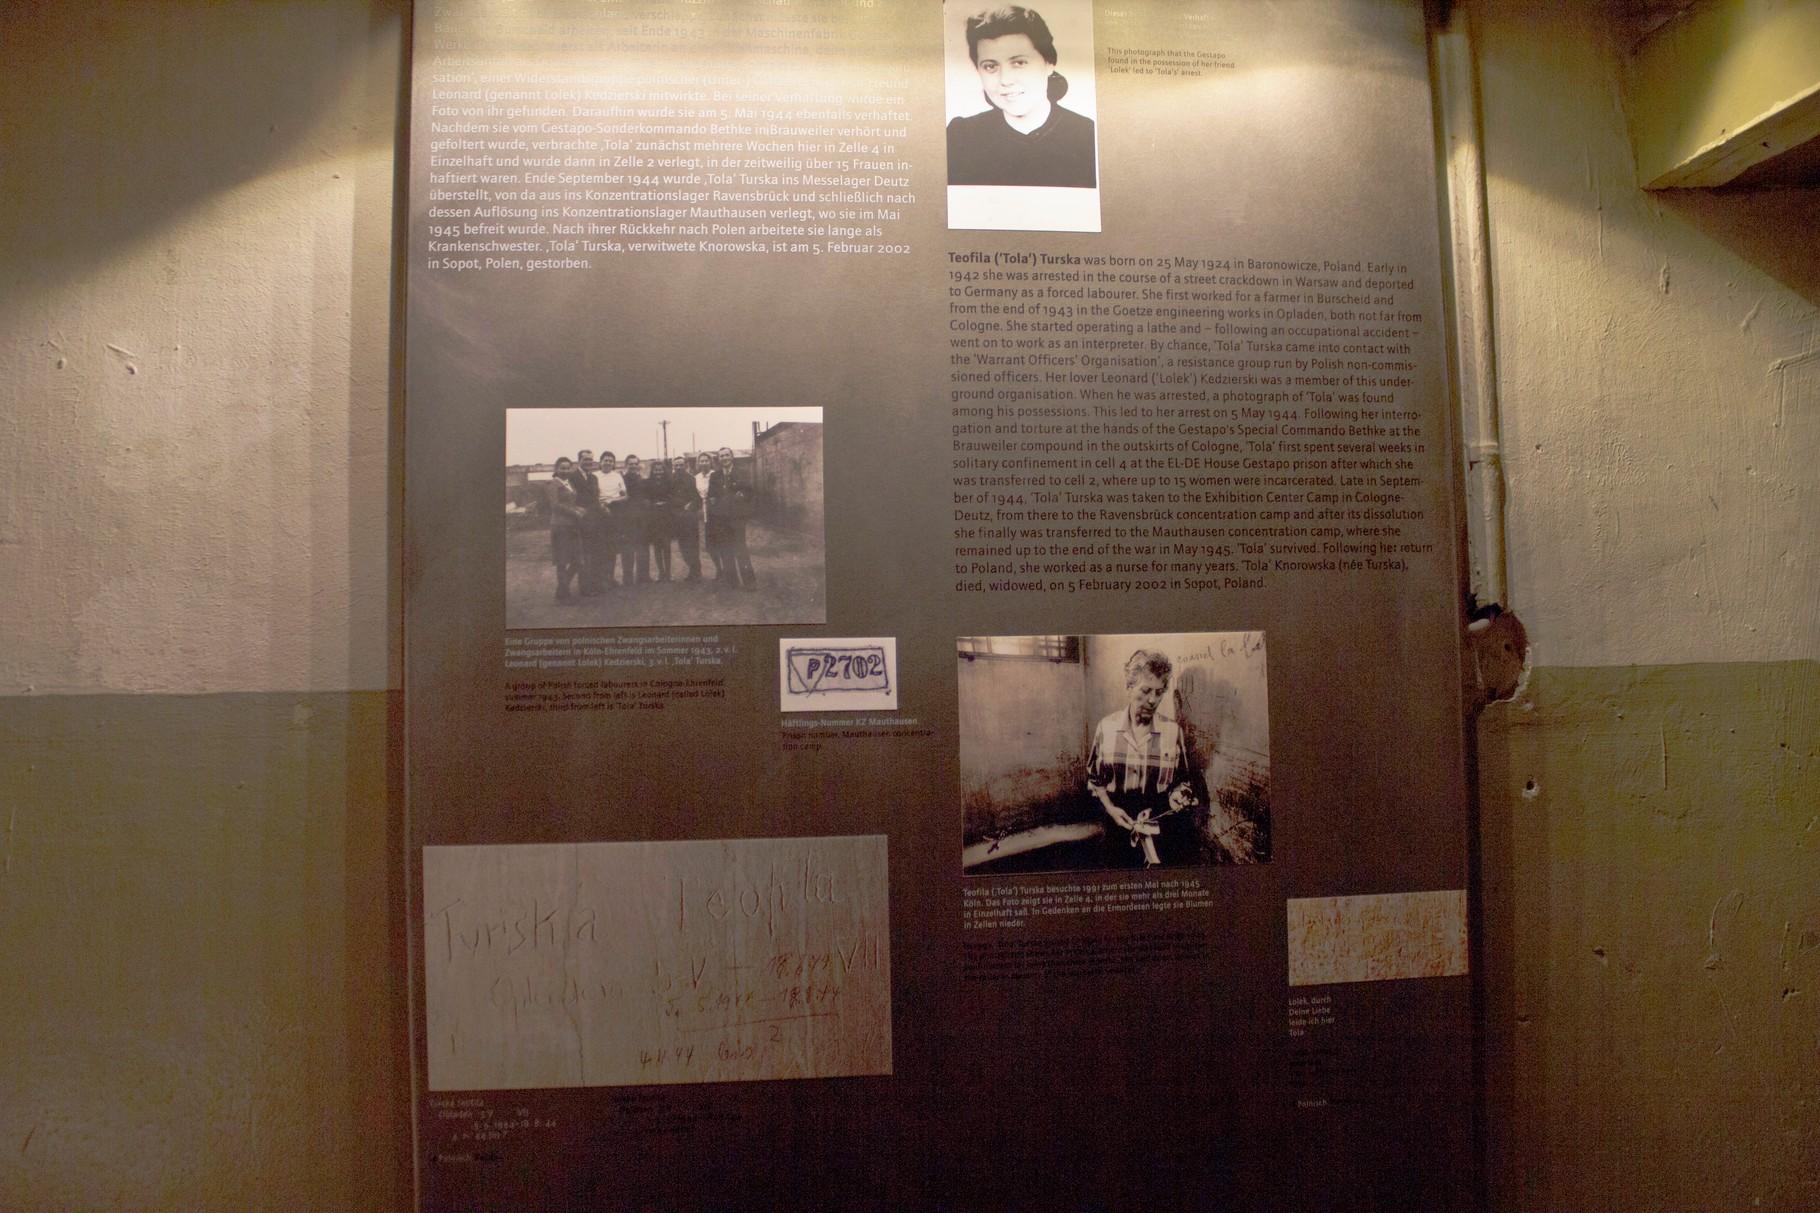 Storie di coloro che hanno vissuto in quelle celle